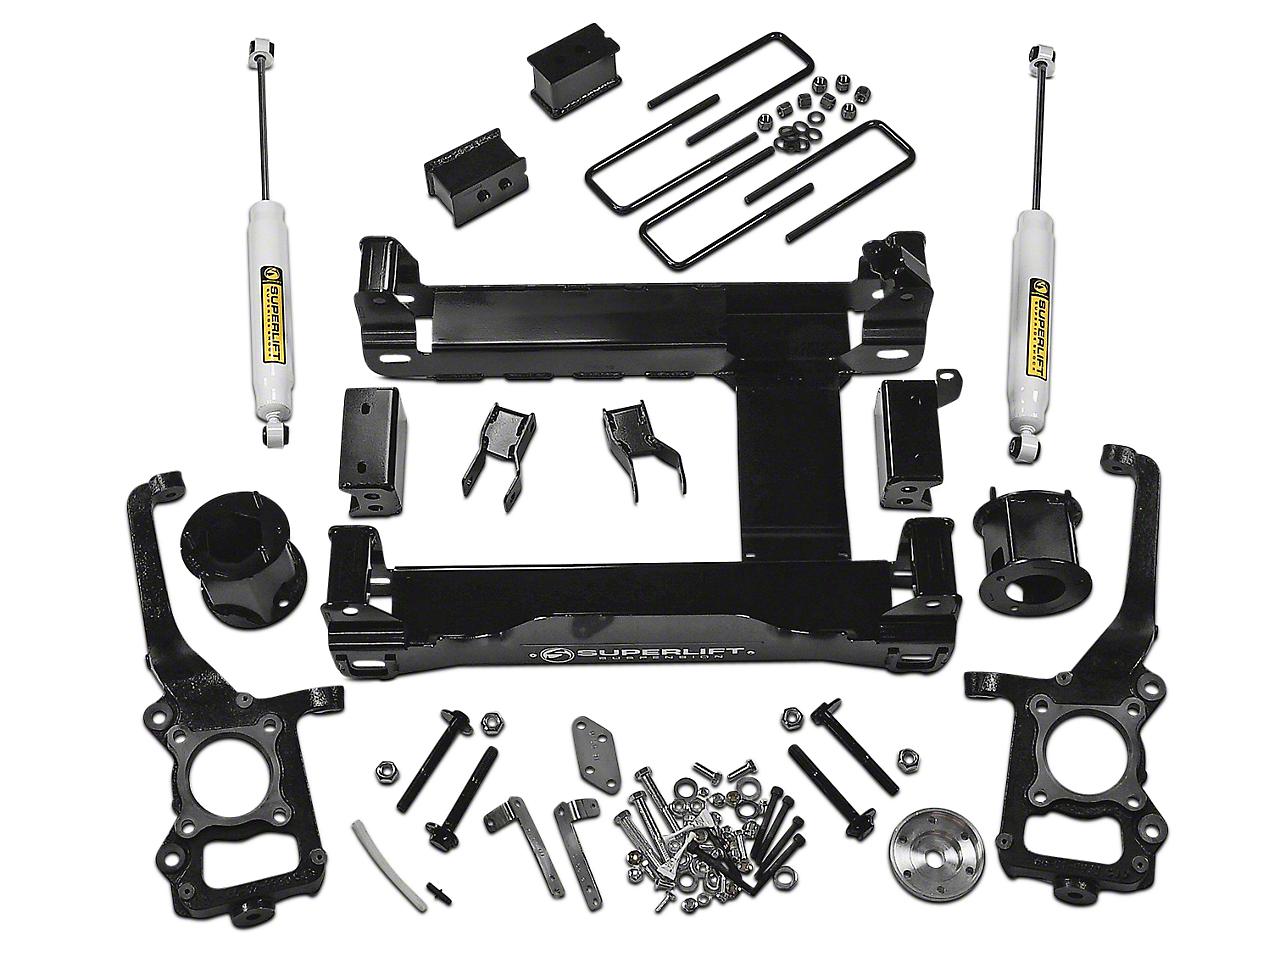 SuperLift 4.5 in. Suspension Lift Kit w/ Shocks (15-19 4WD F-150, Excluding Raptor)